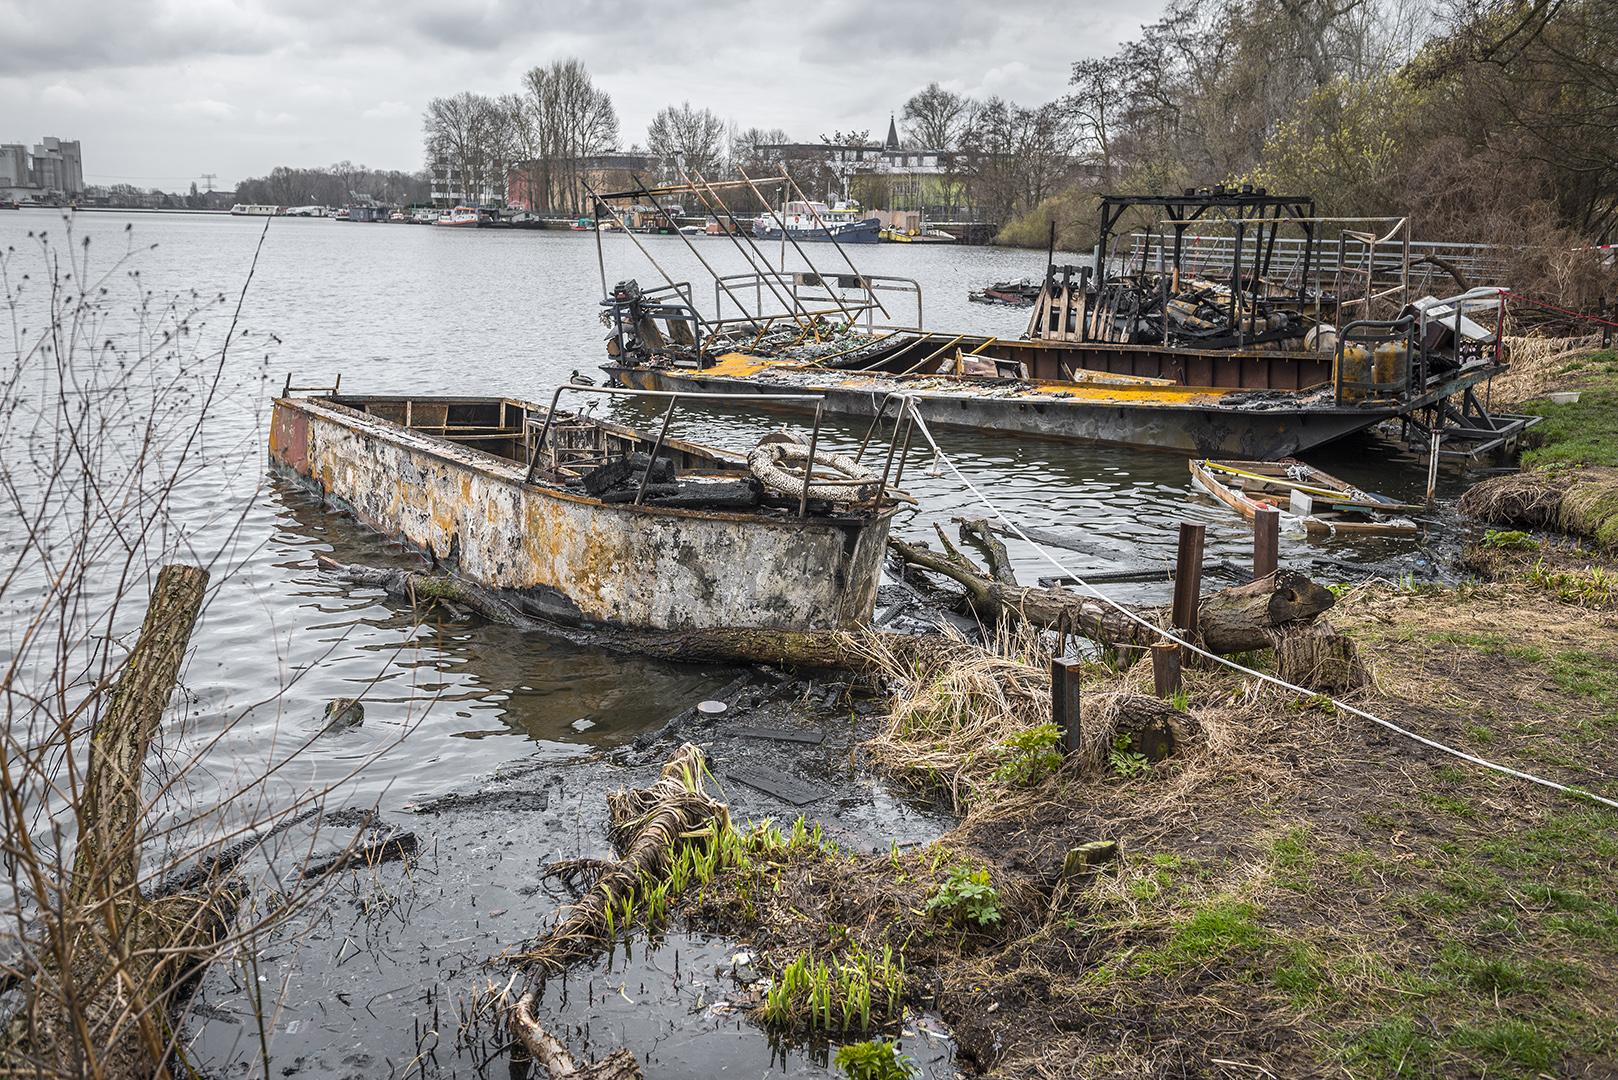 Ausgebrannte Boote von Lummerland, am Tag nach dem Brand. Rummelsburger Bucht, Berlin Lichtenberg, 23.03.2017